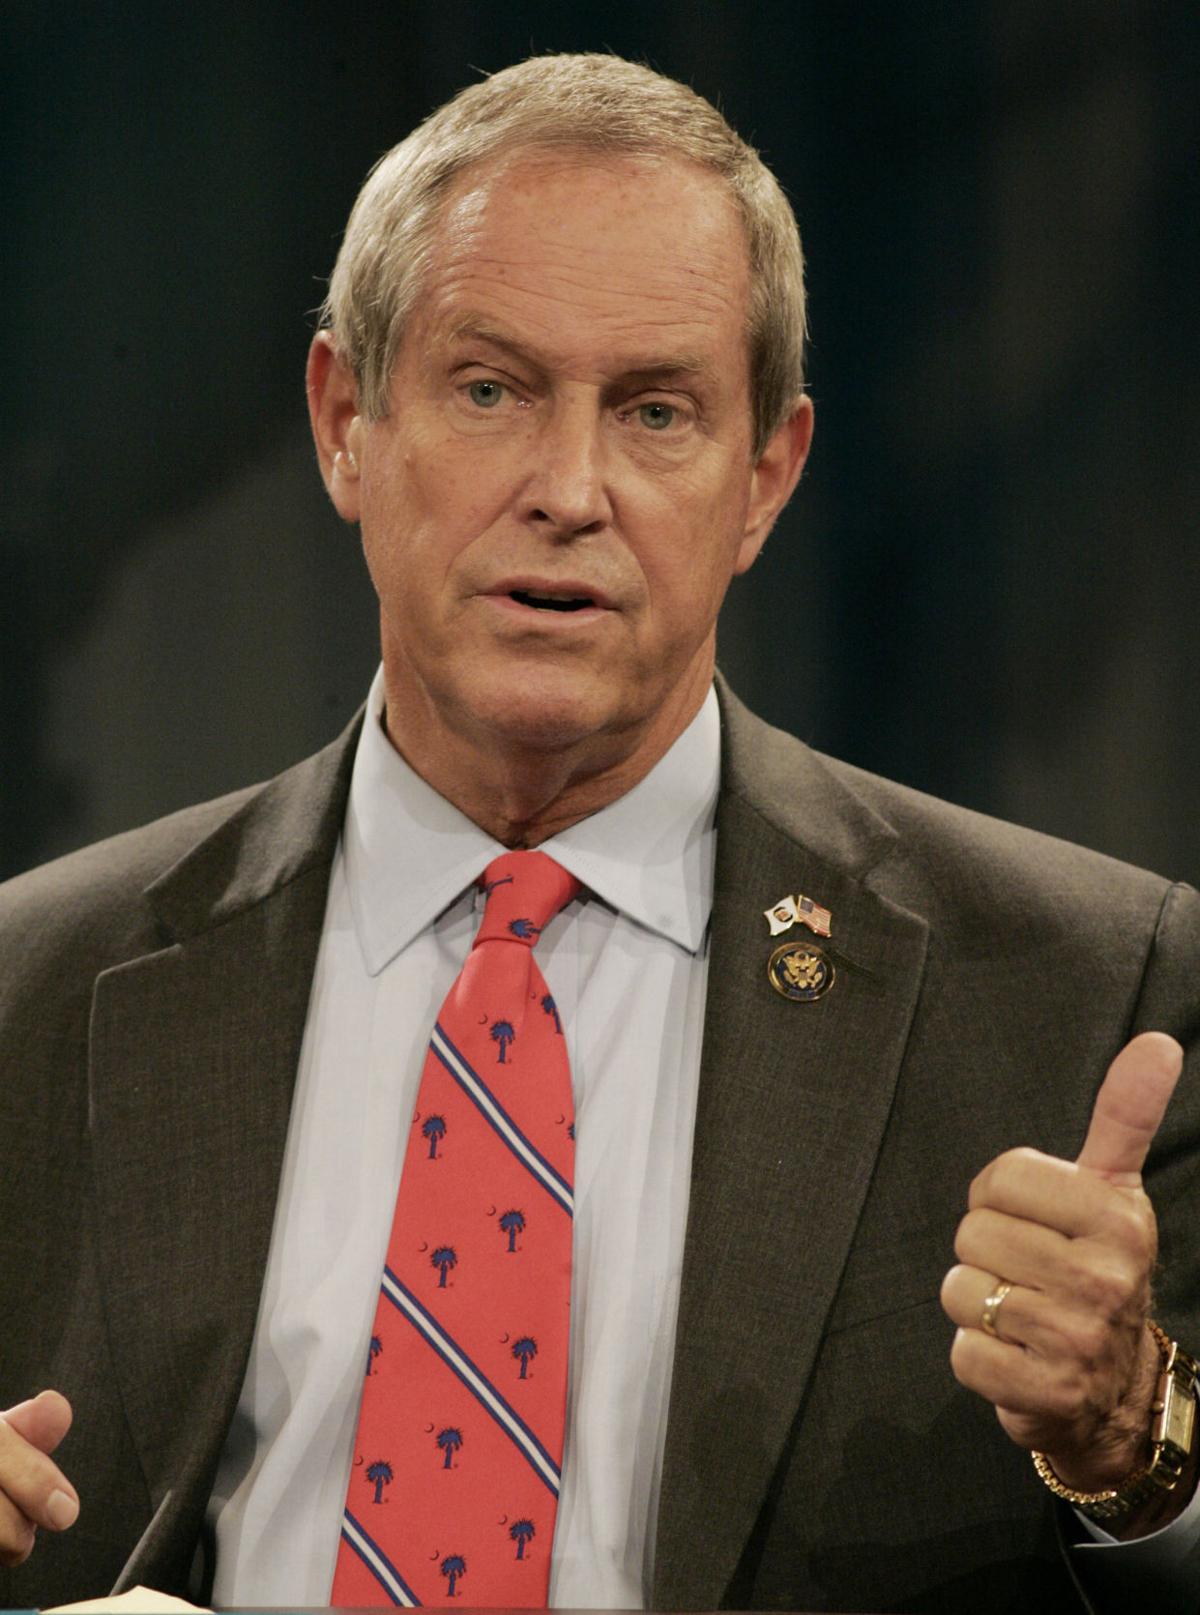 Rep. Wilson unveiling legislative agenda for 2015